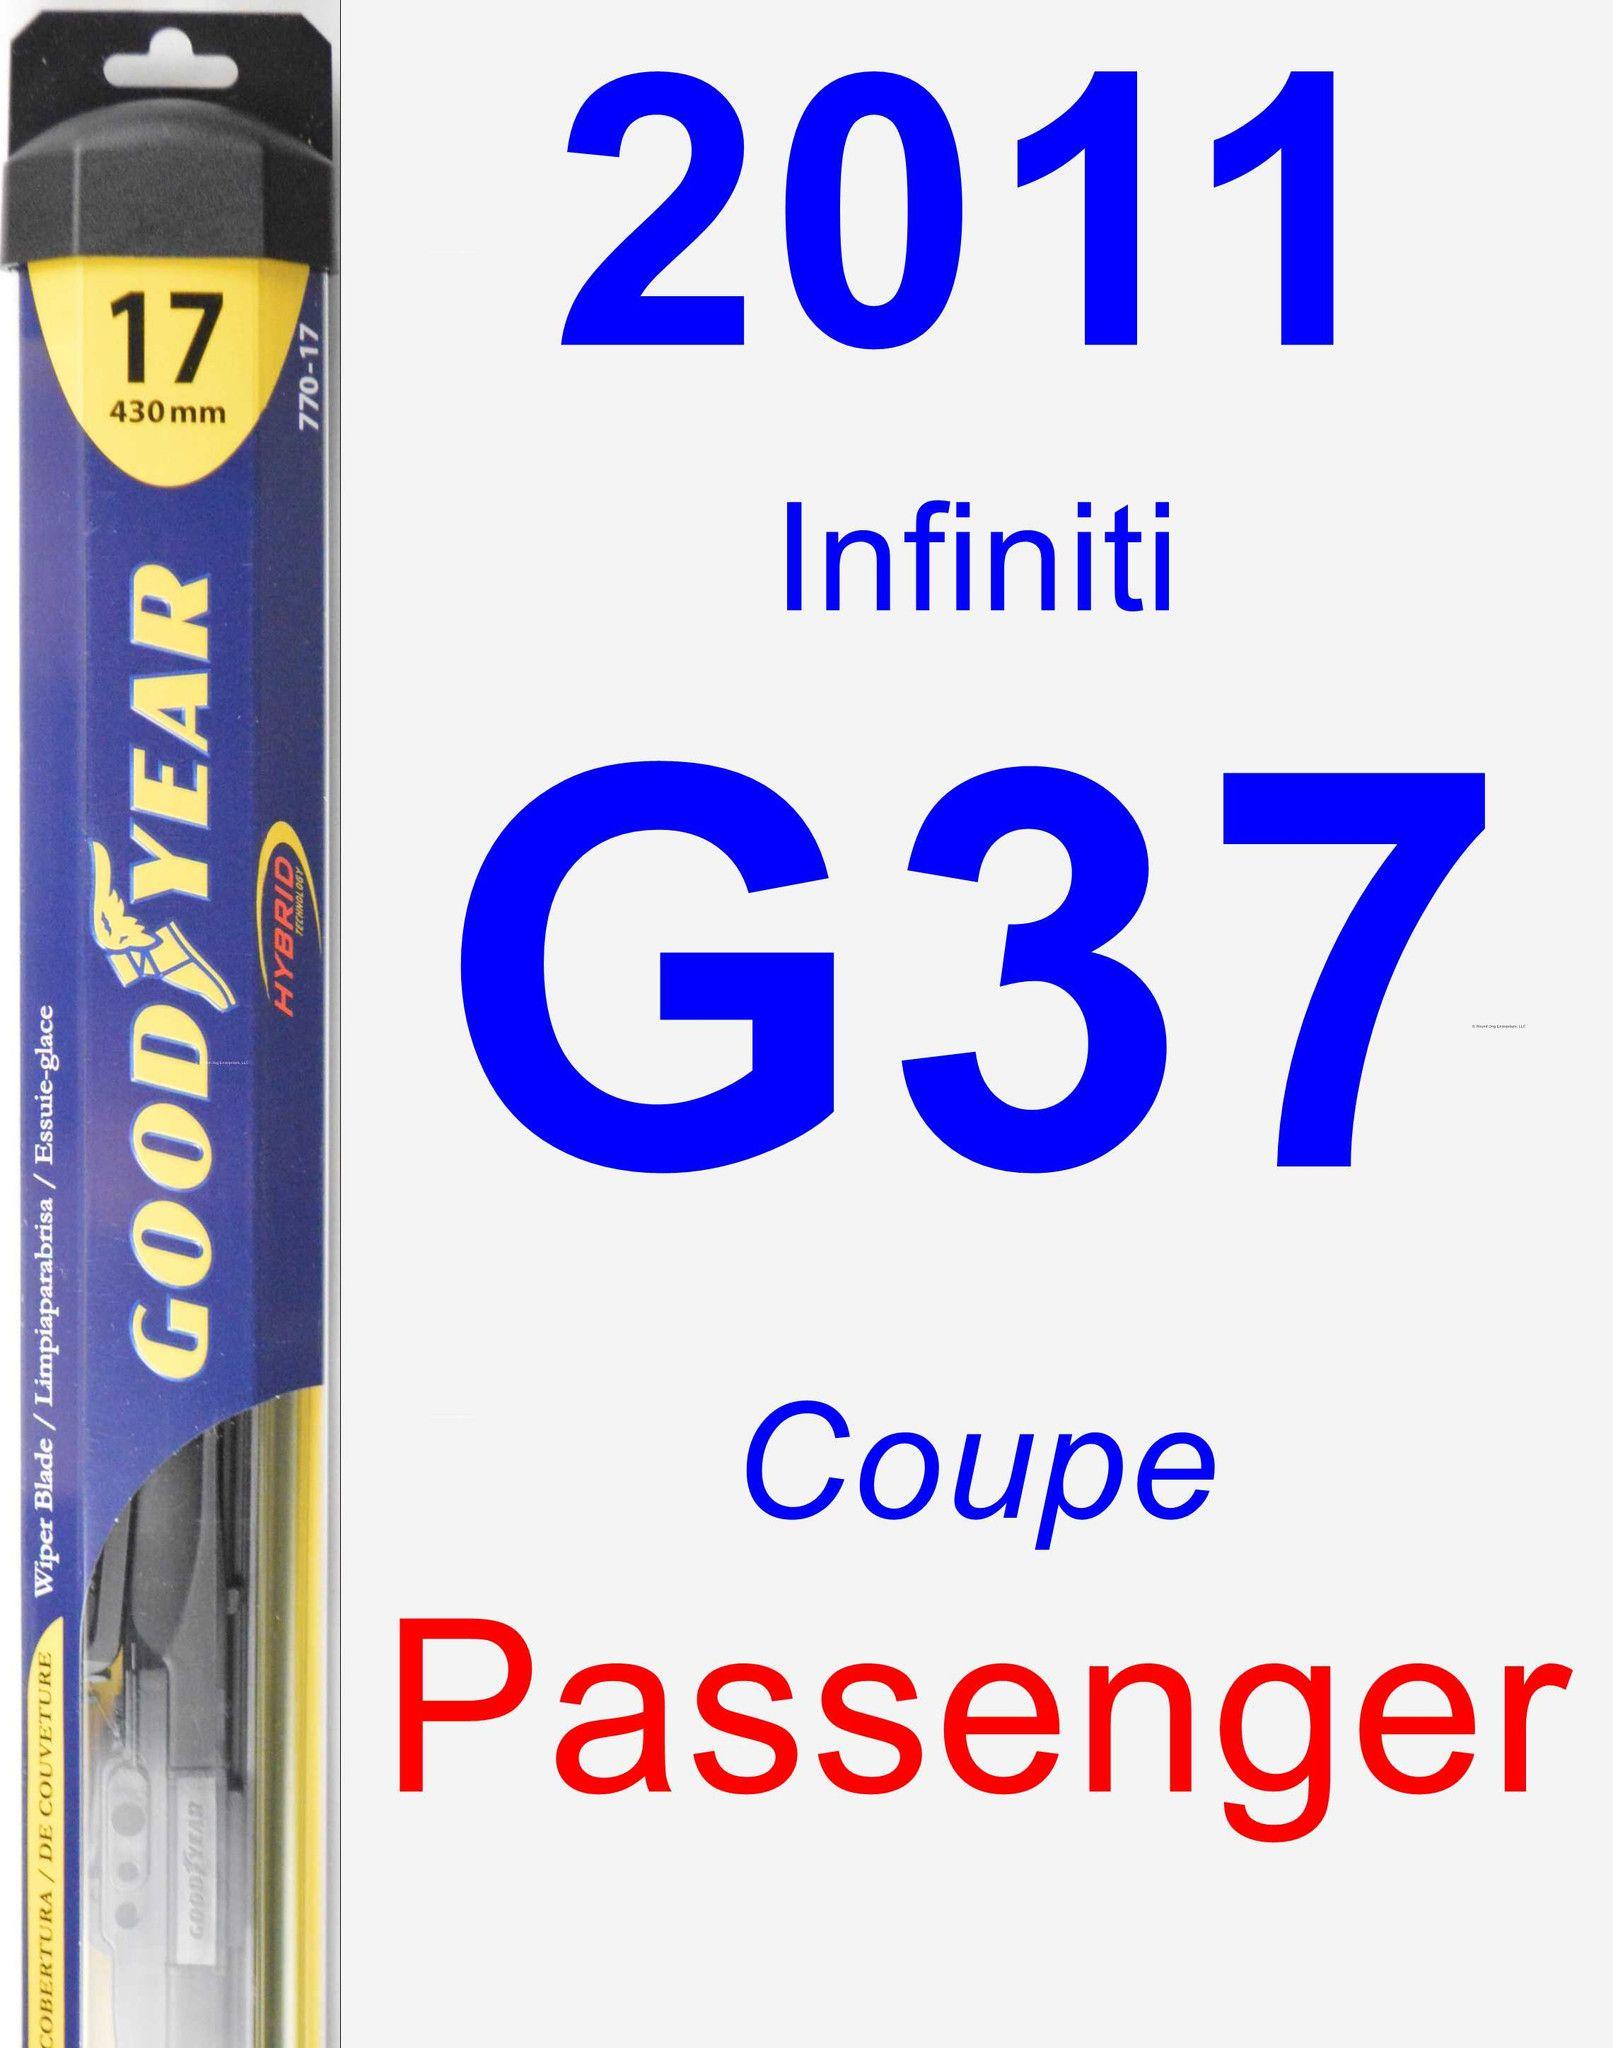 Passenger Wiper Blade for 2011 Infiniti G37 Hybrid